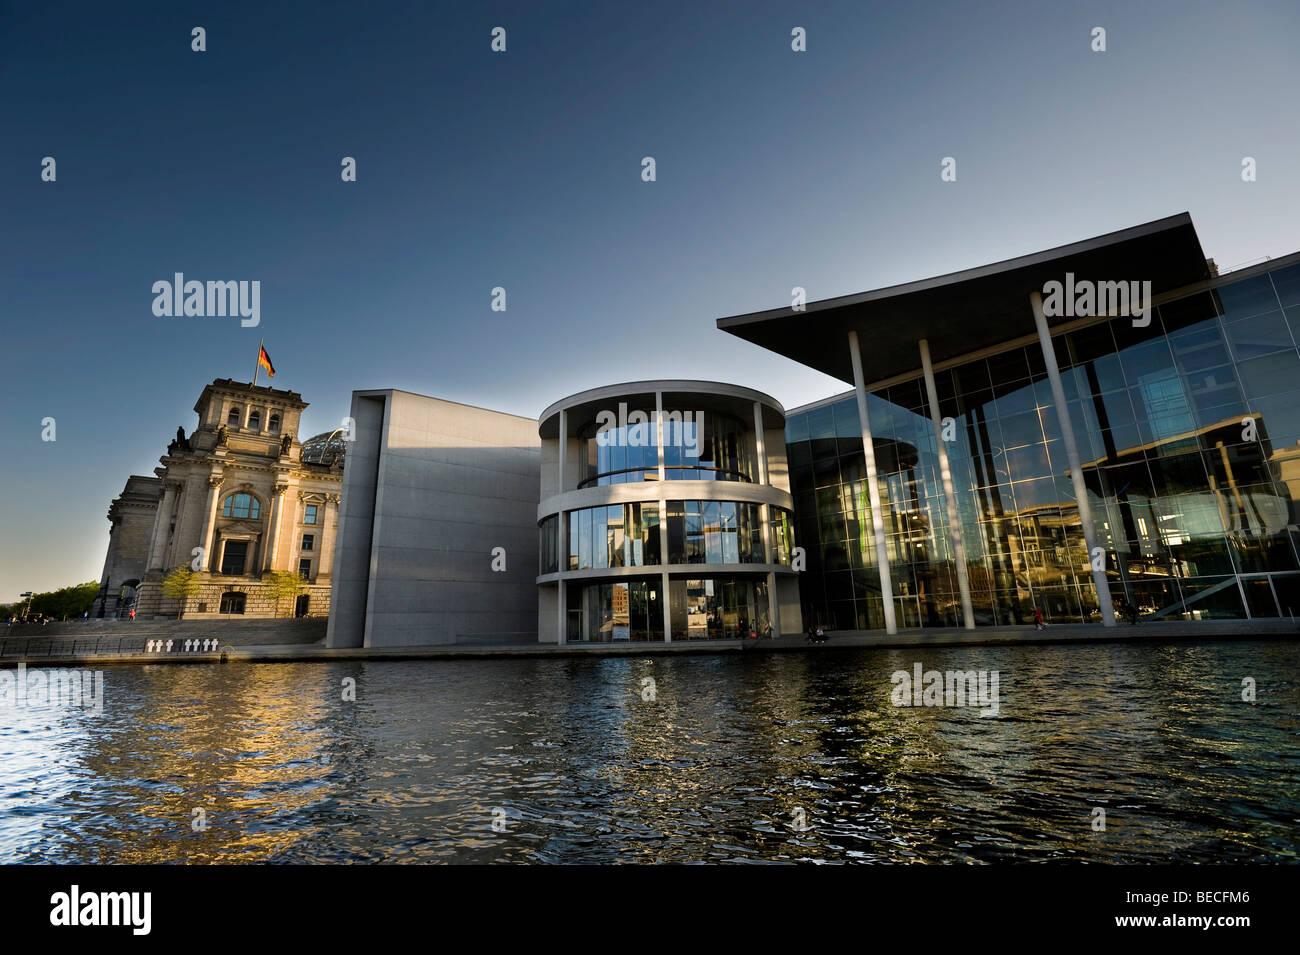 Reichstagsgebäude und Paul Loebe Haus, Spree entlang, Berlin, Deutschland, Europa Stockbild